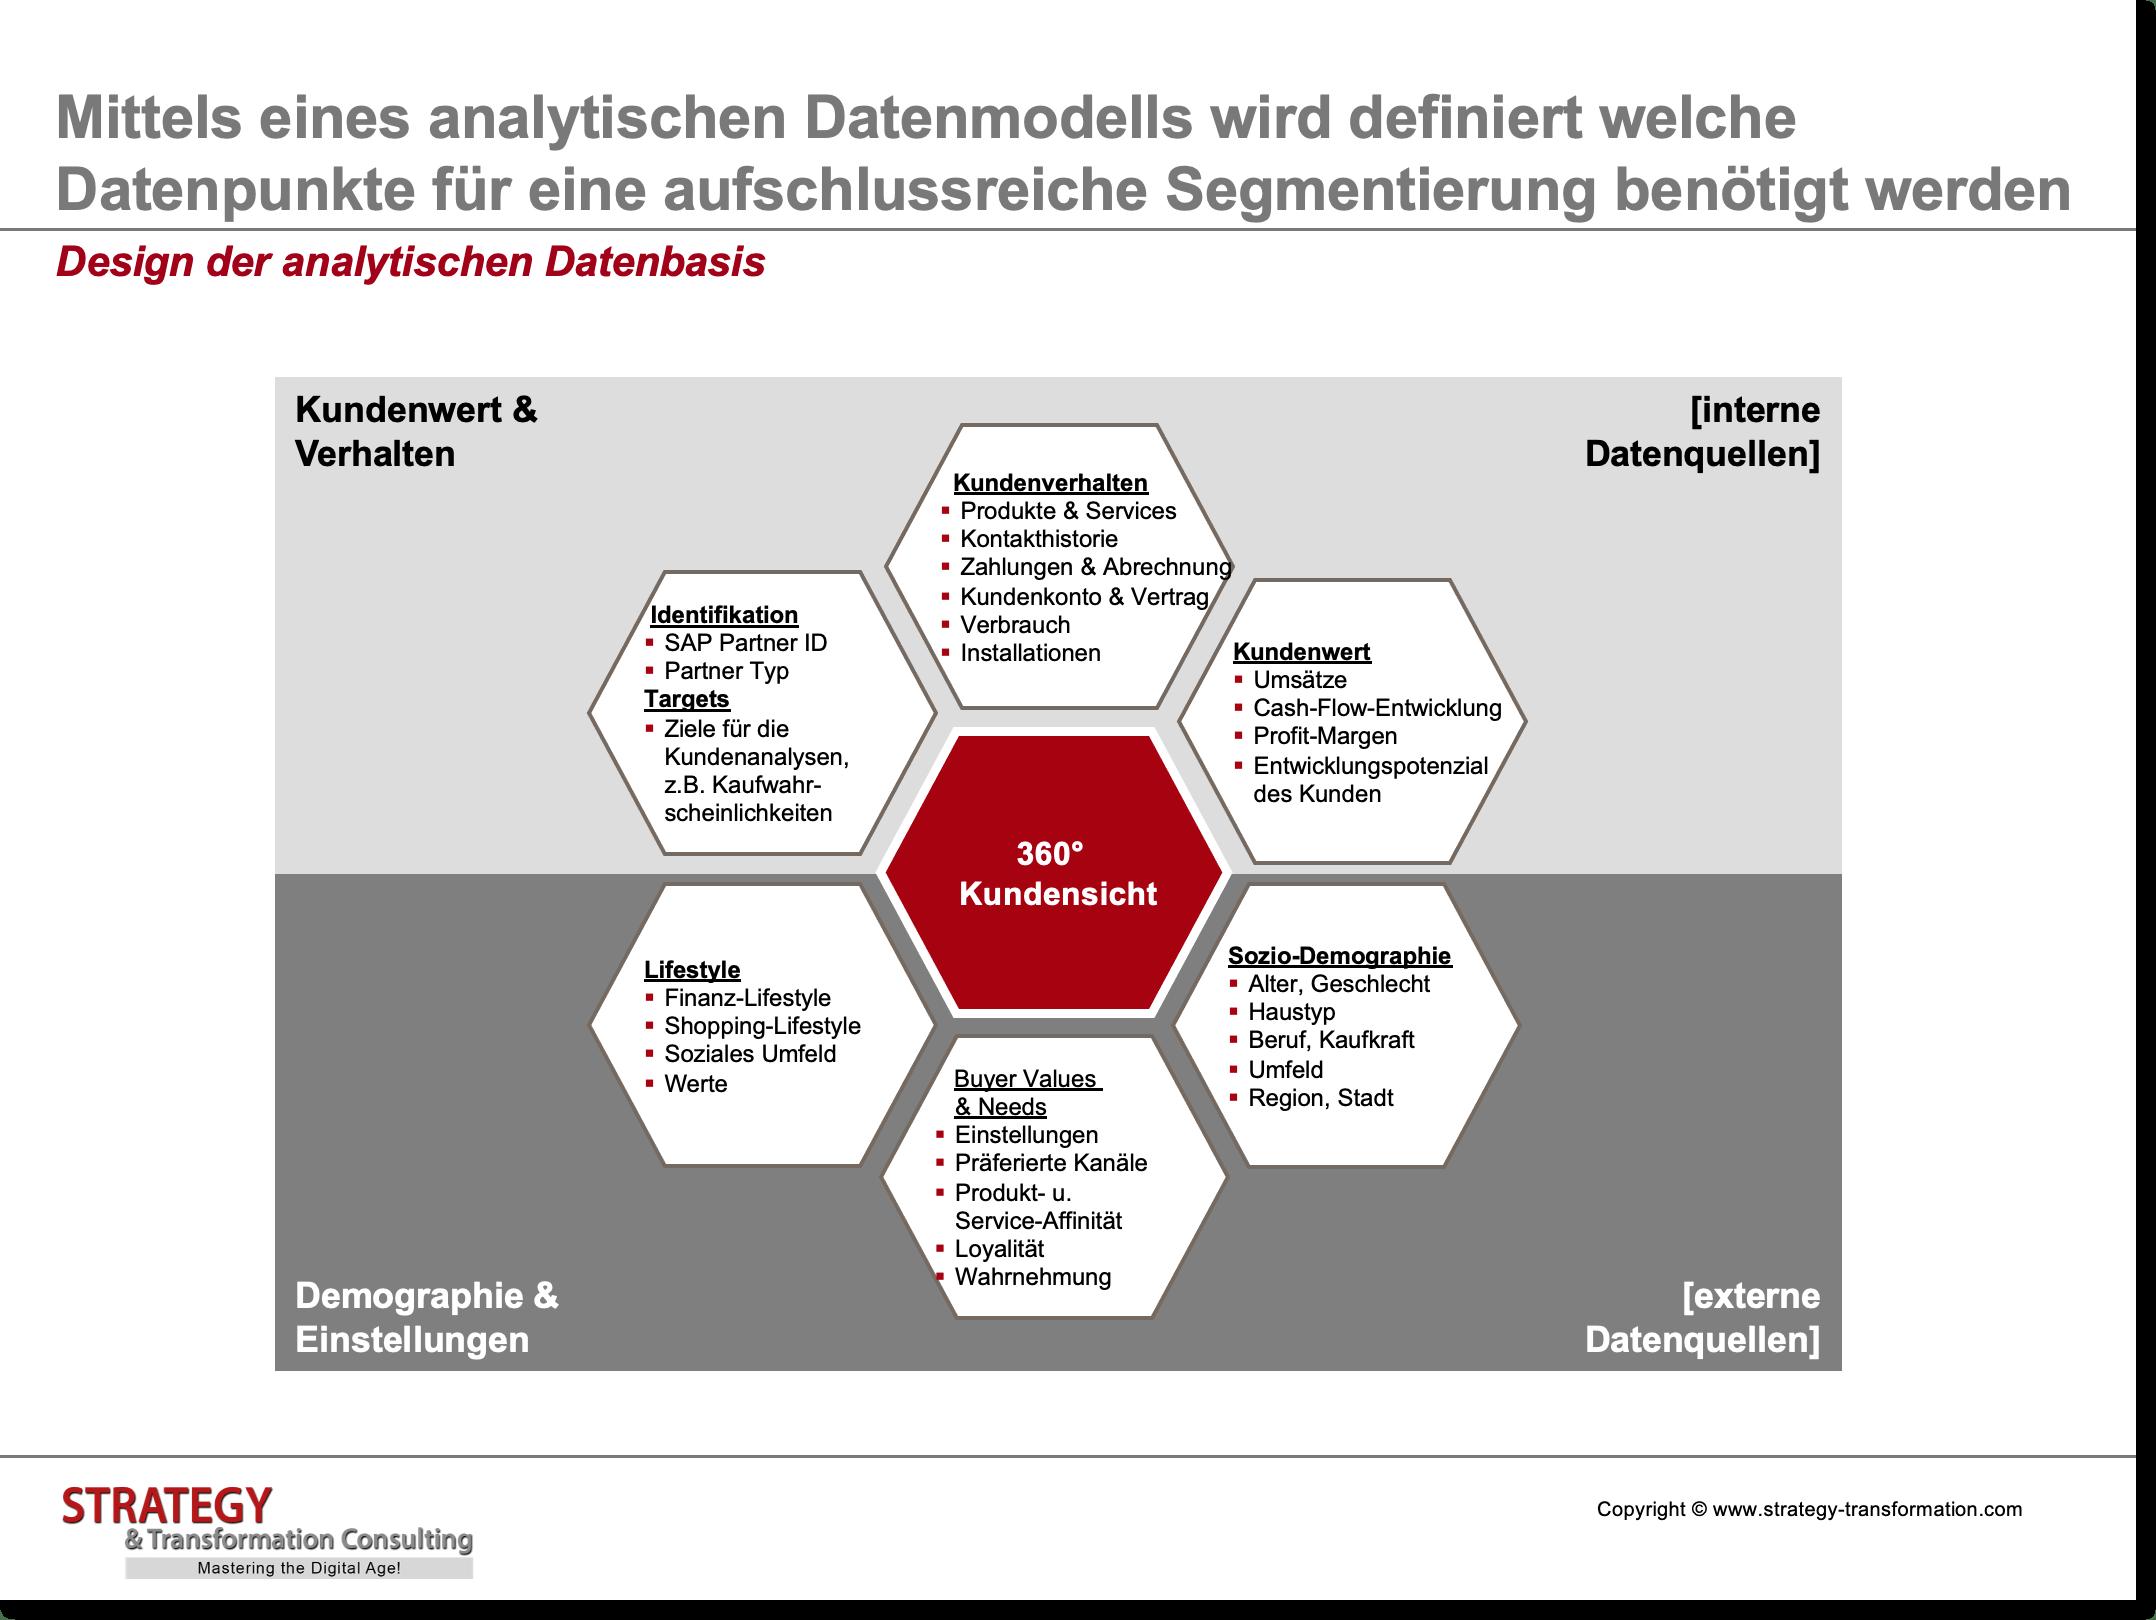 Customer Experience Management_Design der analytischen Datenbasis